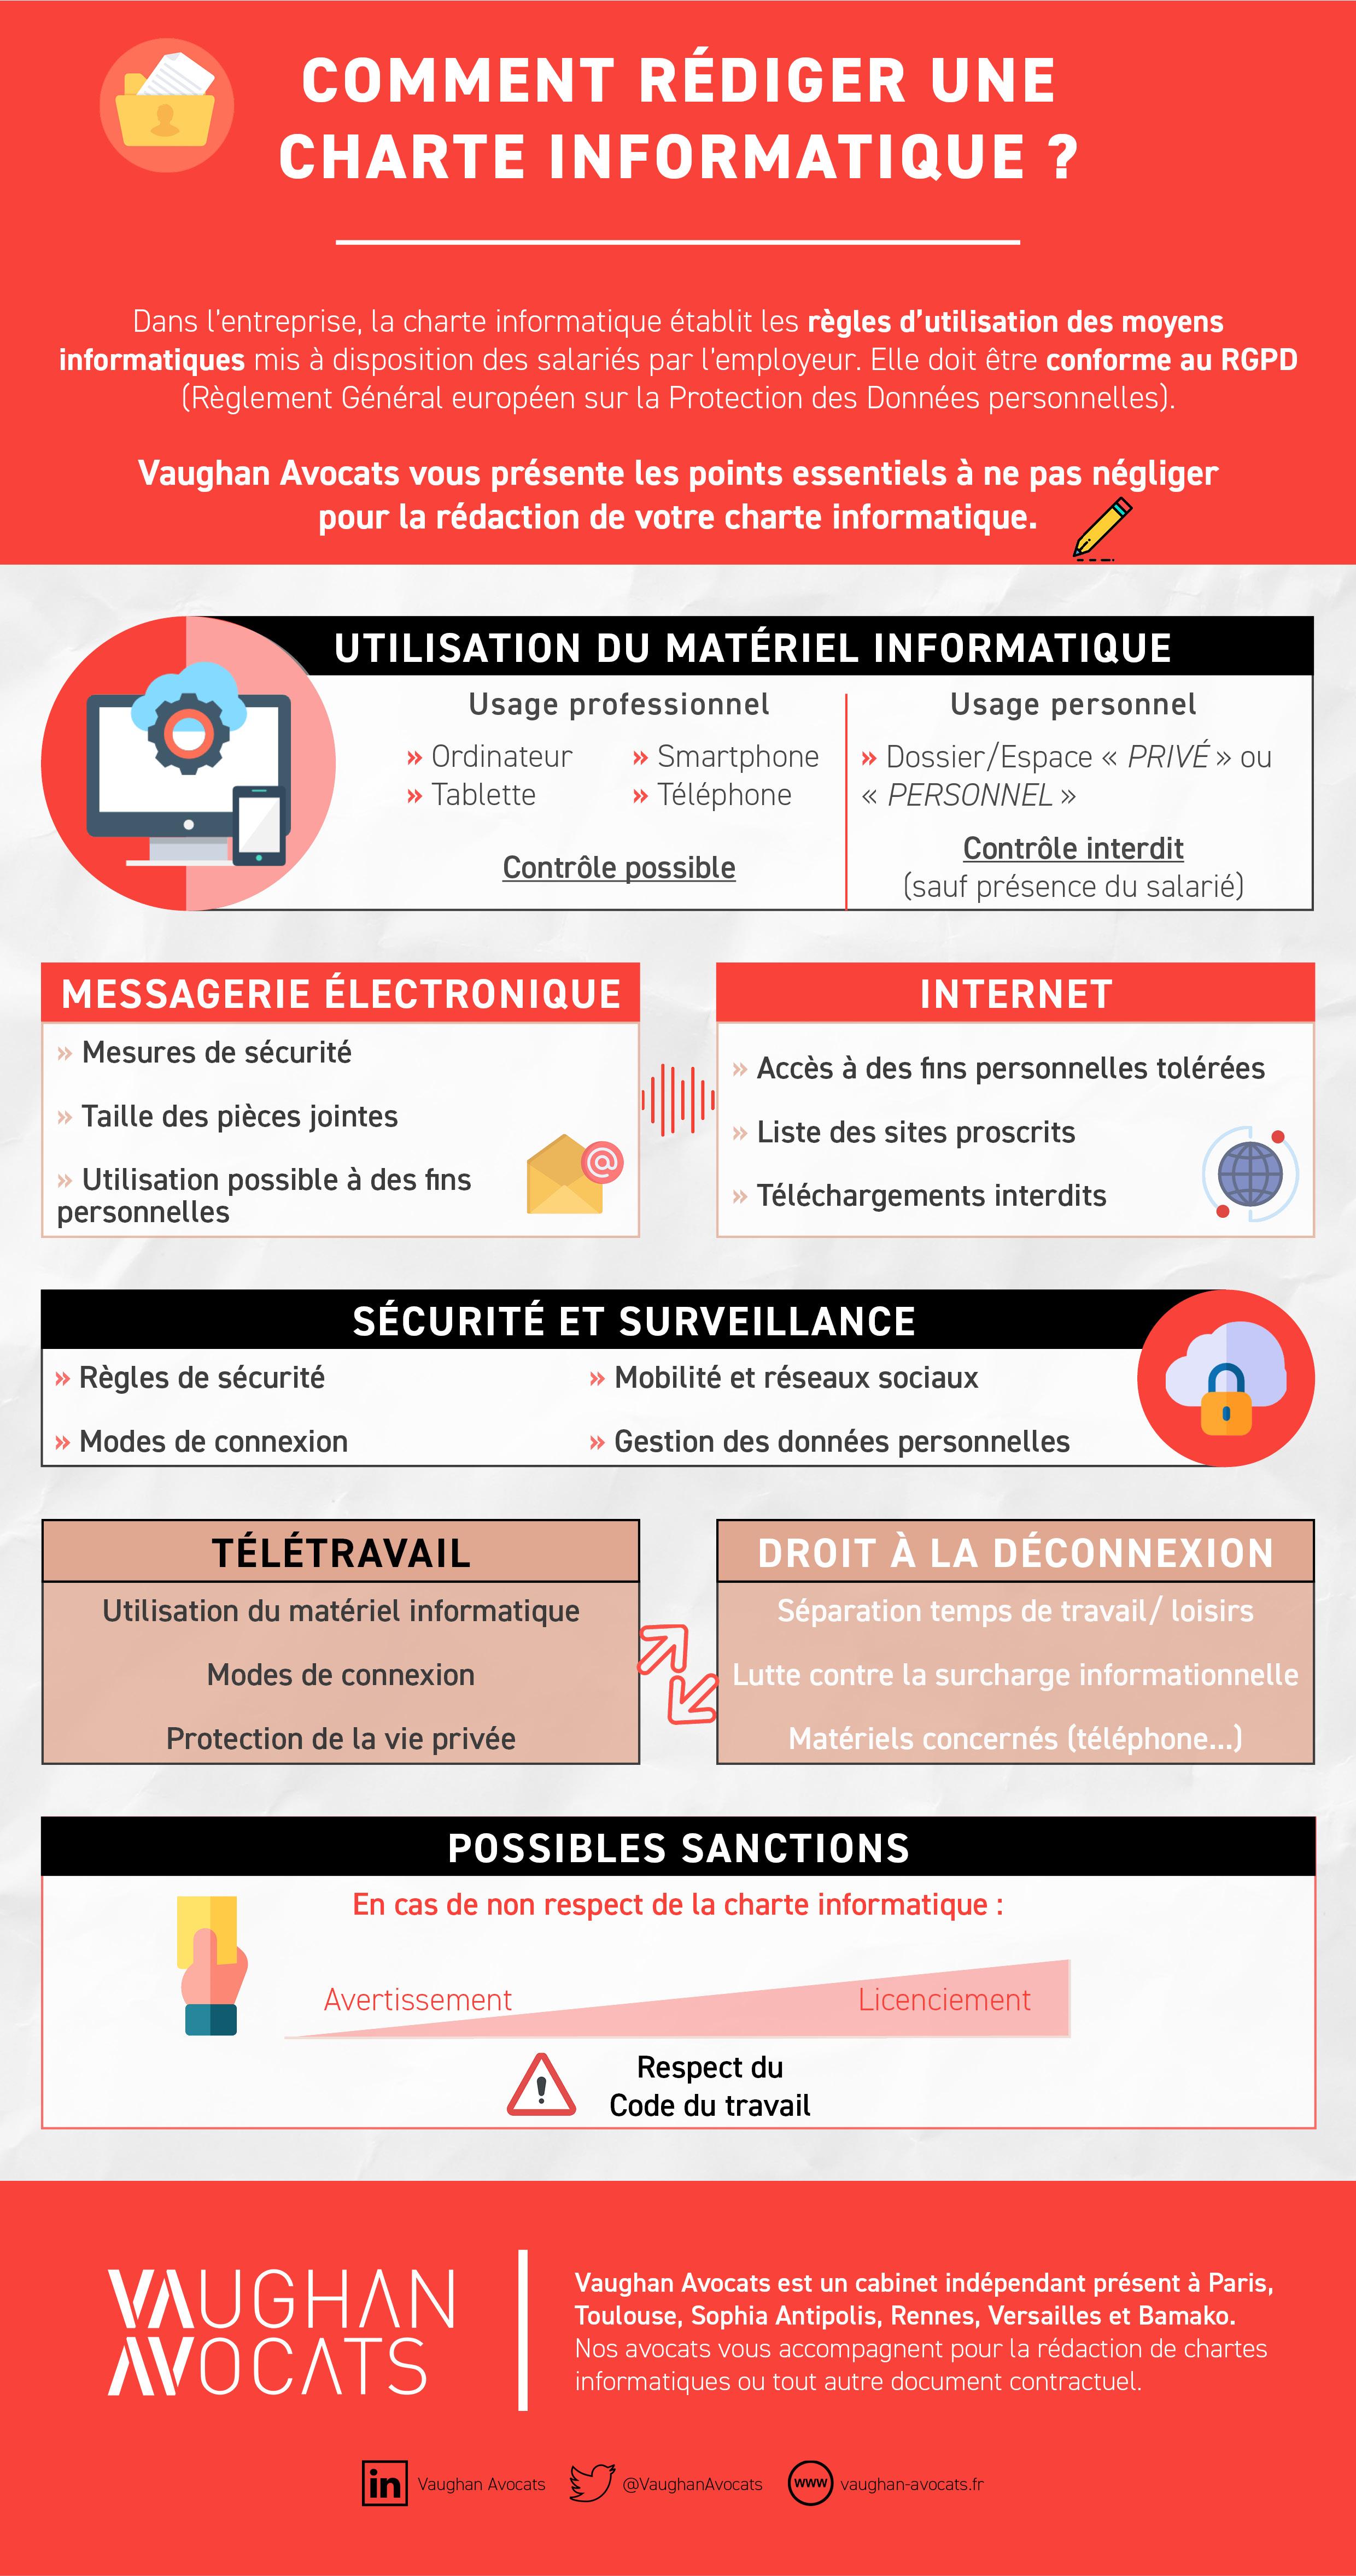 2018.10_infographie_charte-informatique_vaughan-avocats.jpg